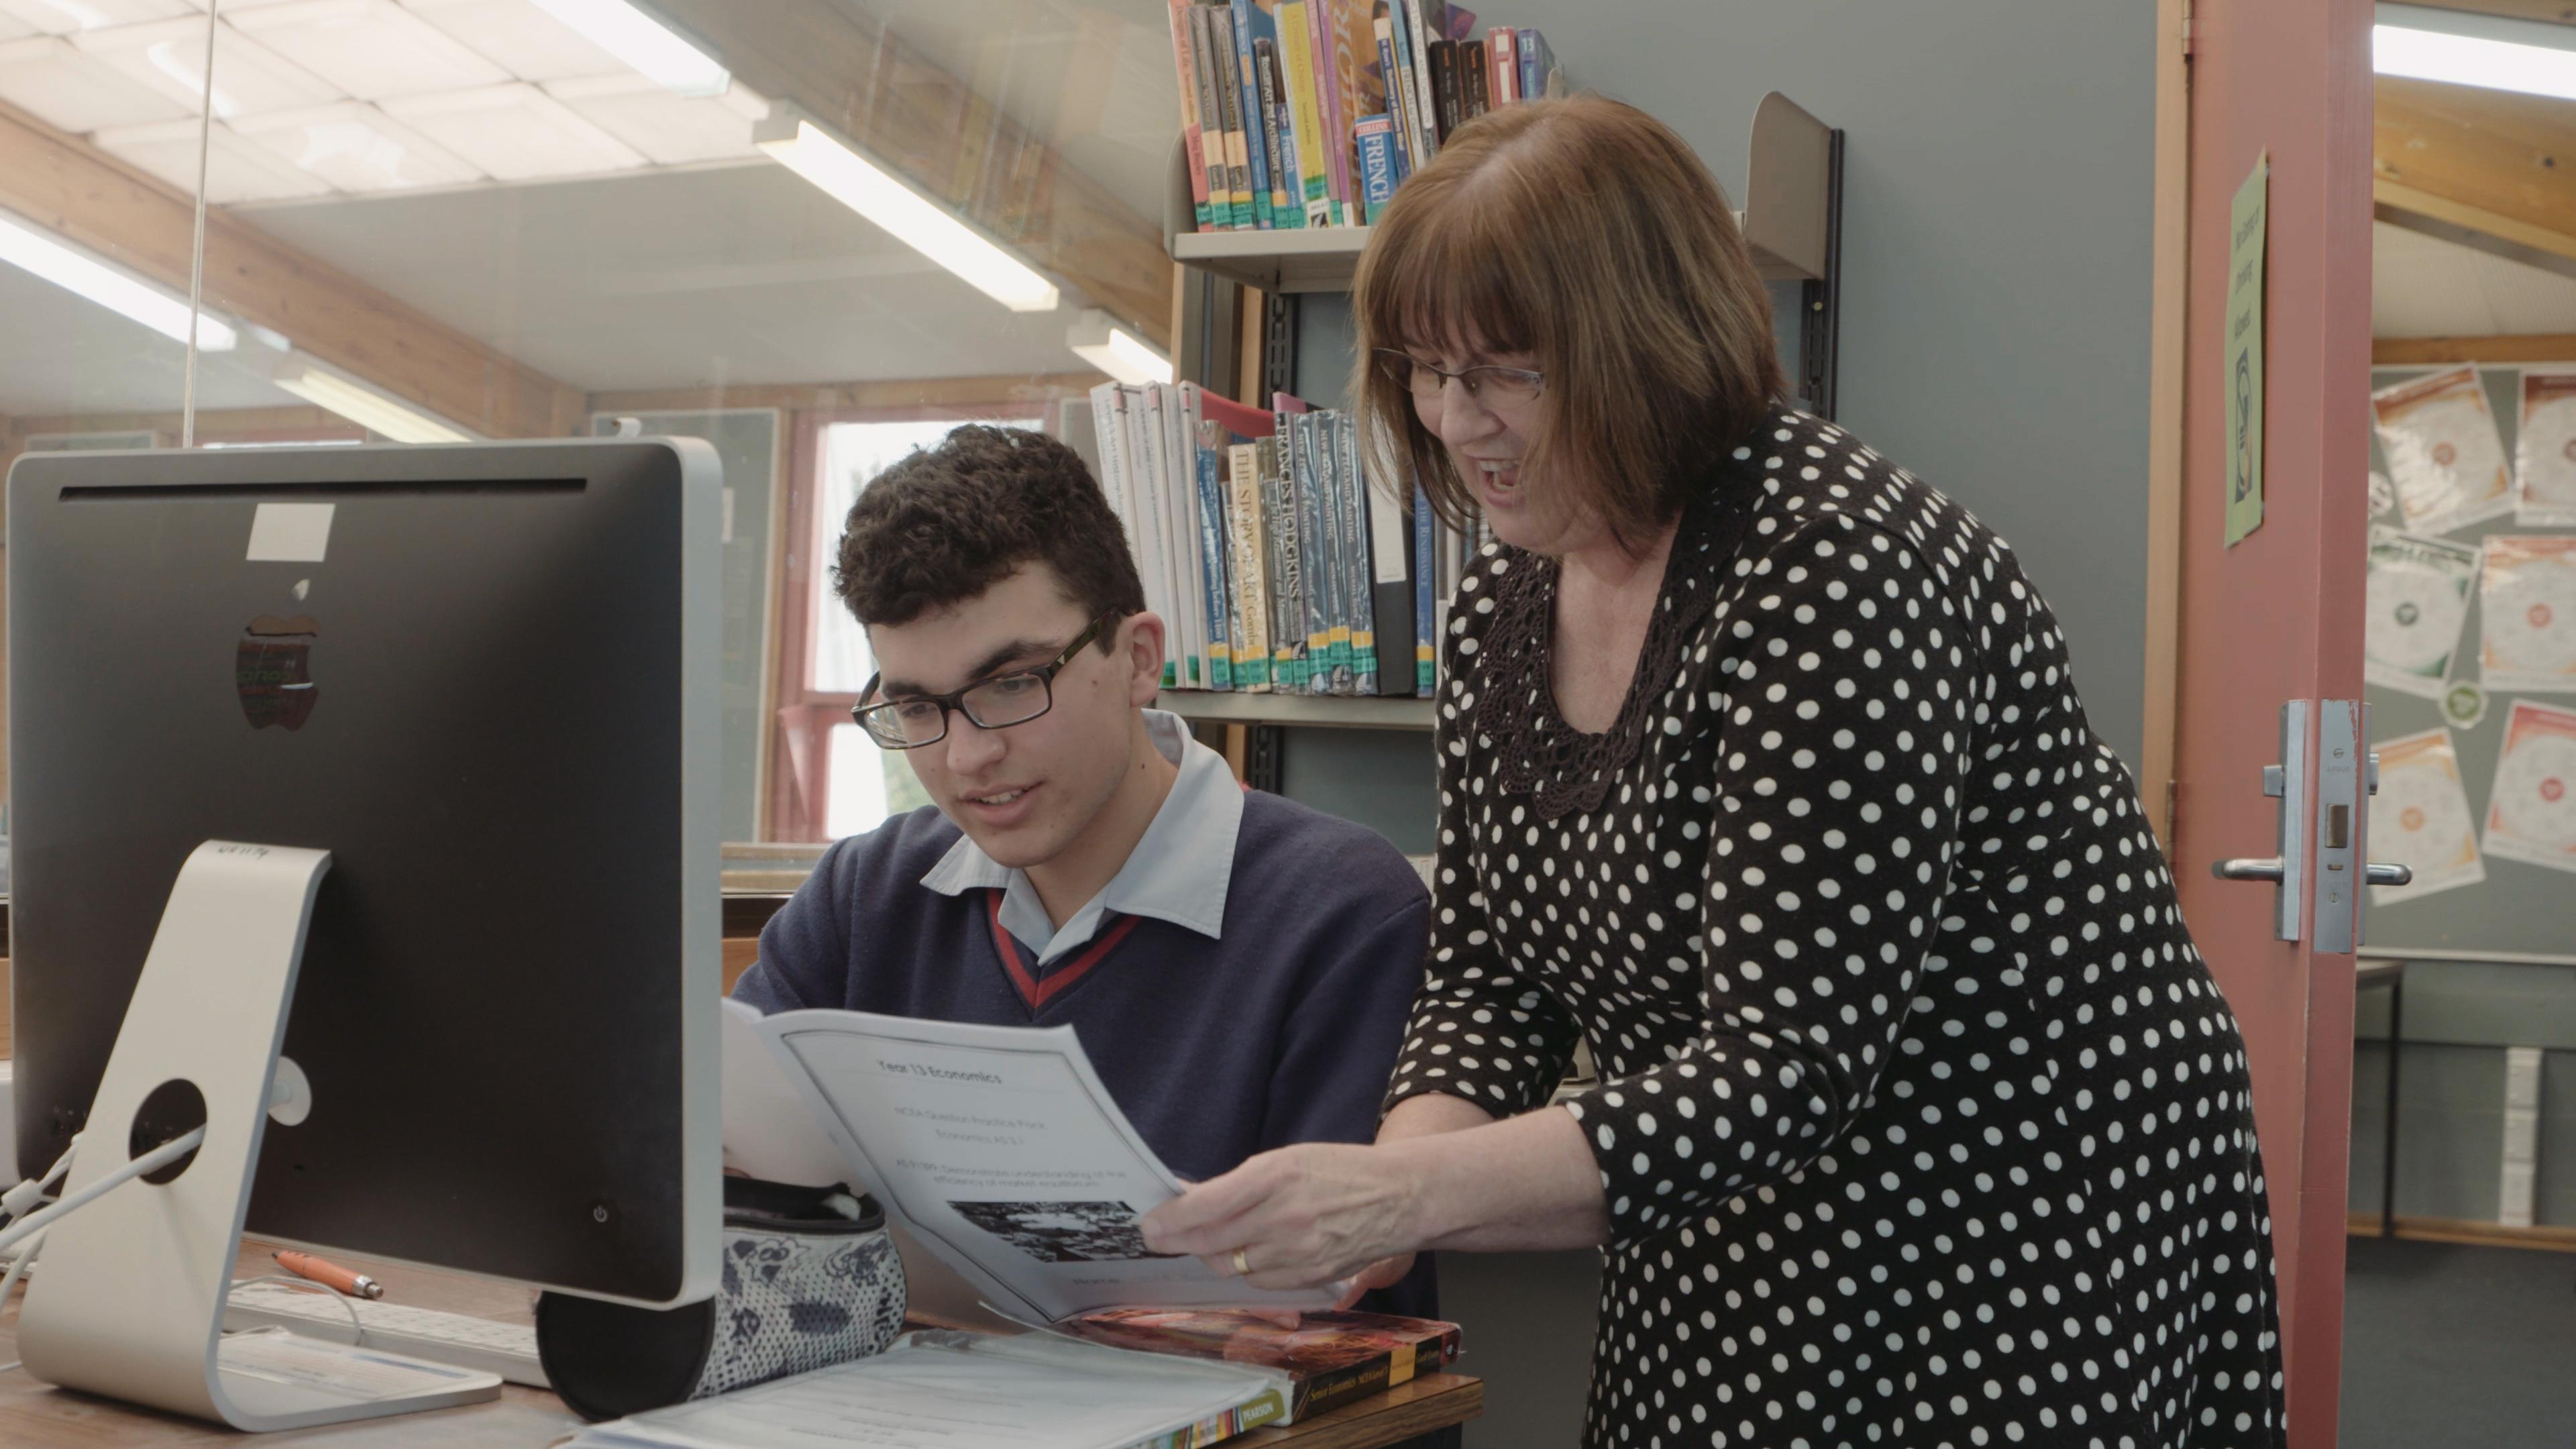 Ashburton College student and e-Dean